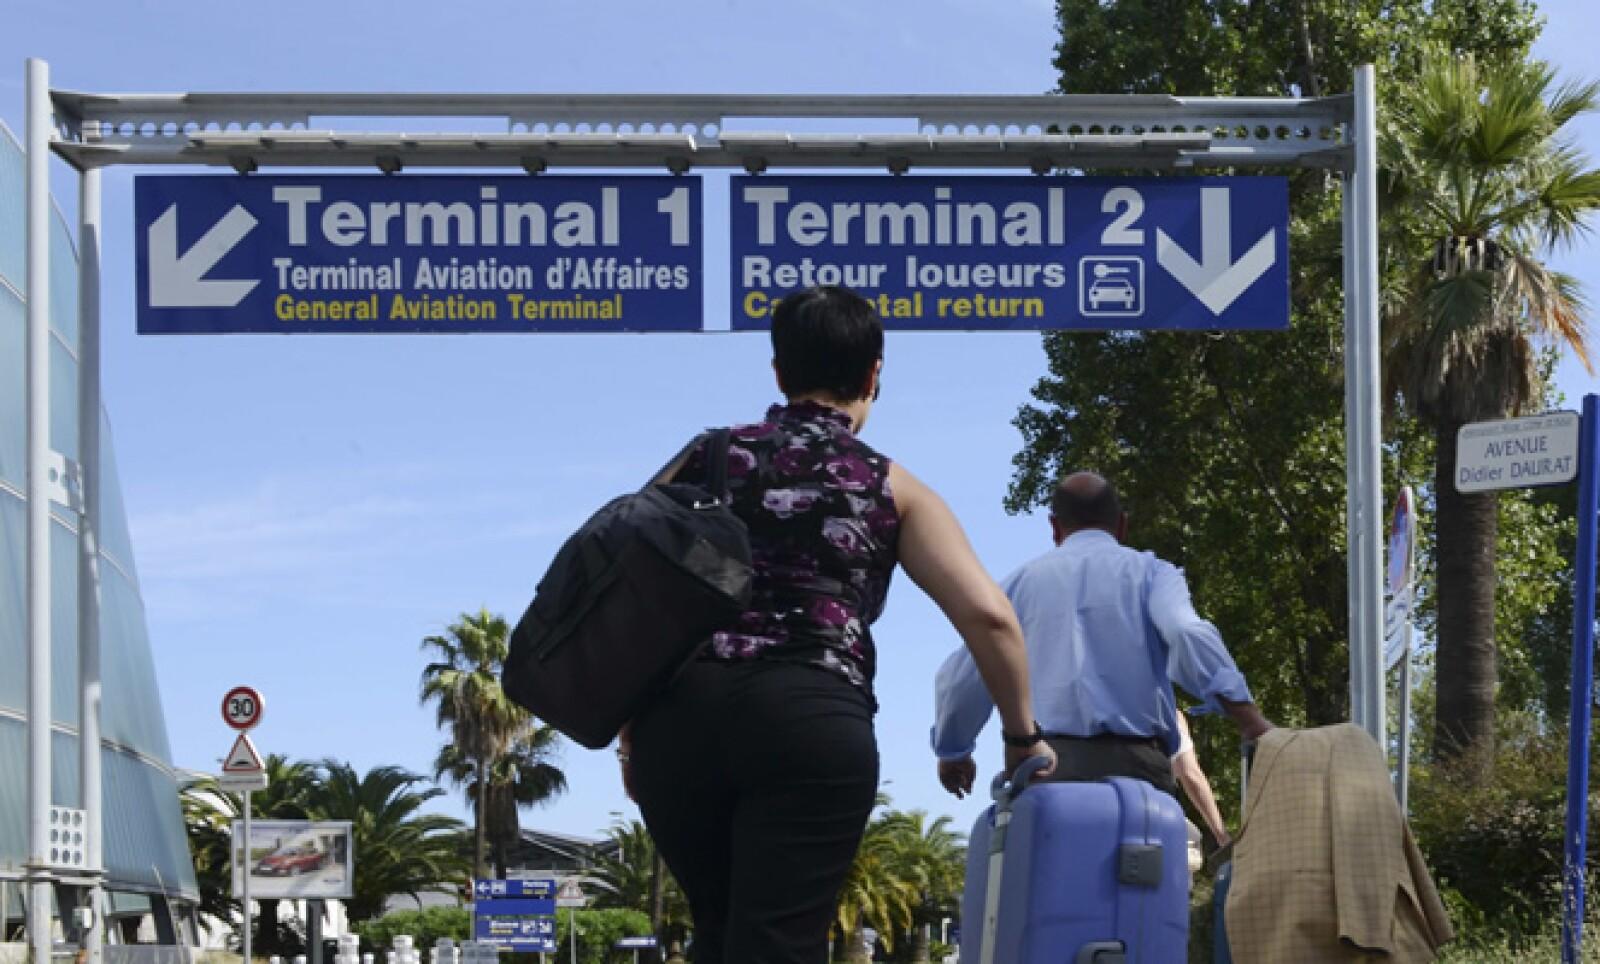 La huelga provocó bloqueos en las carreteras de acceso a las principales ciudades francesas y aeropuertos del país.